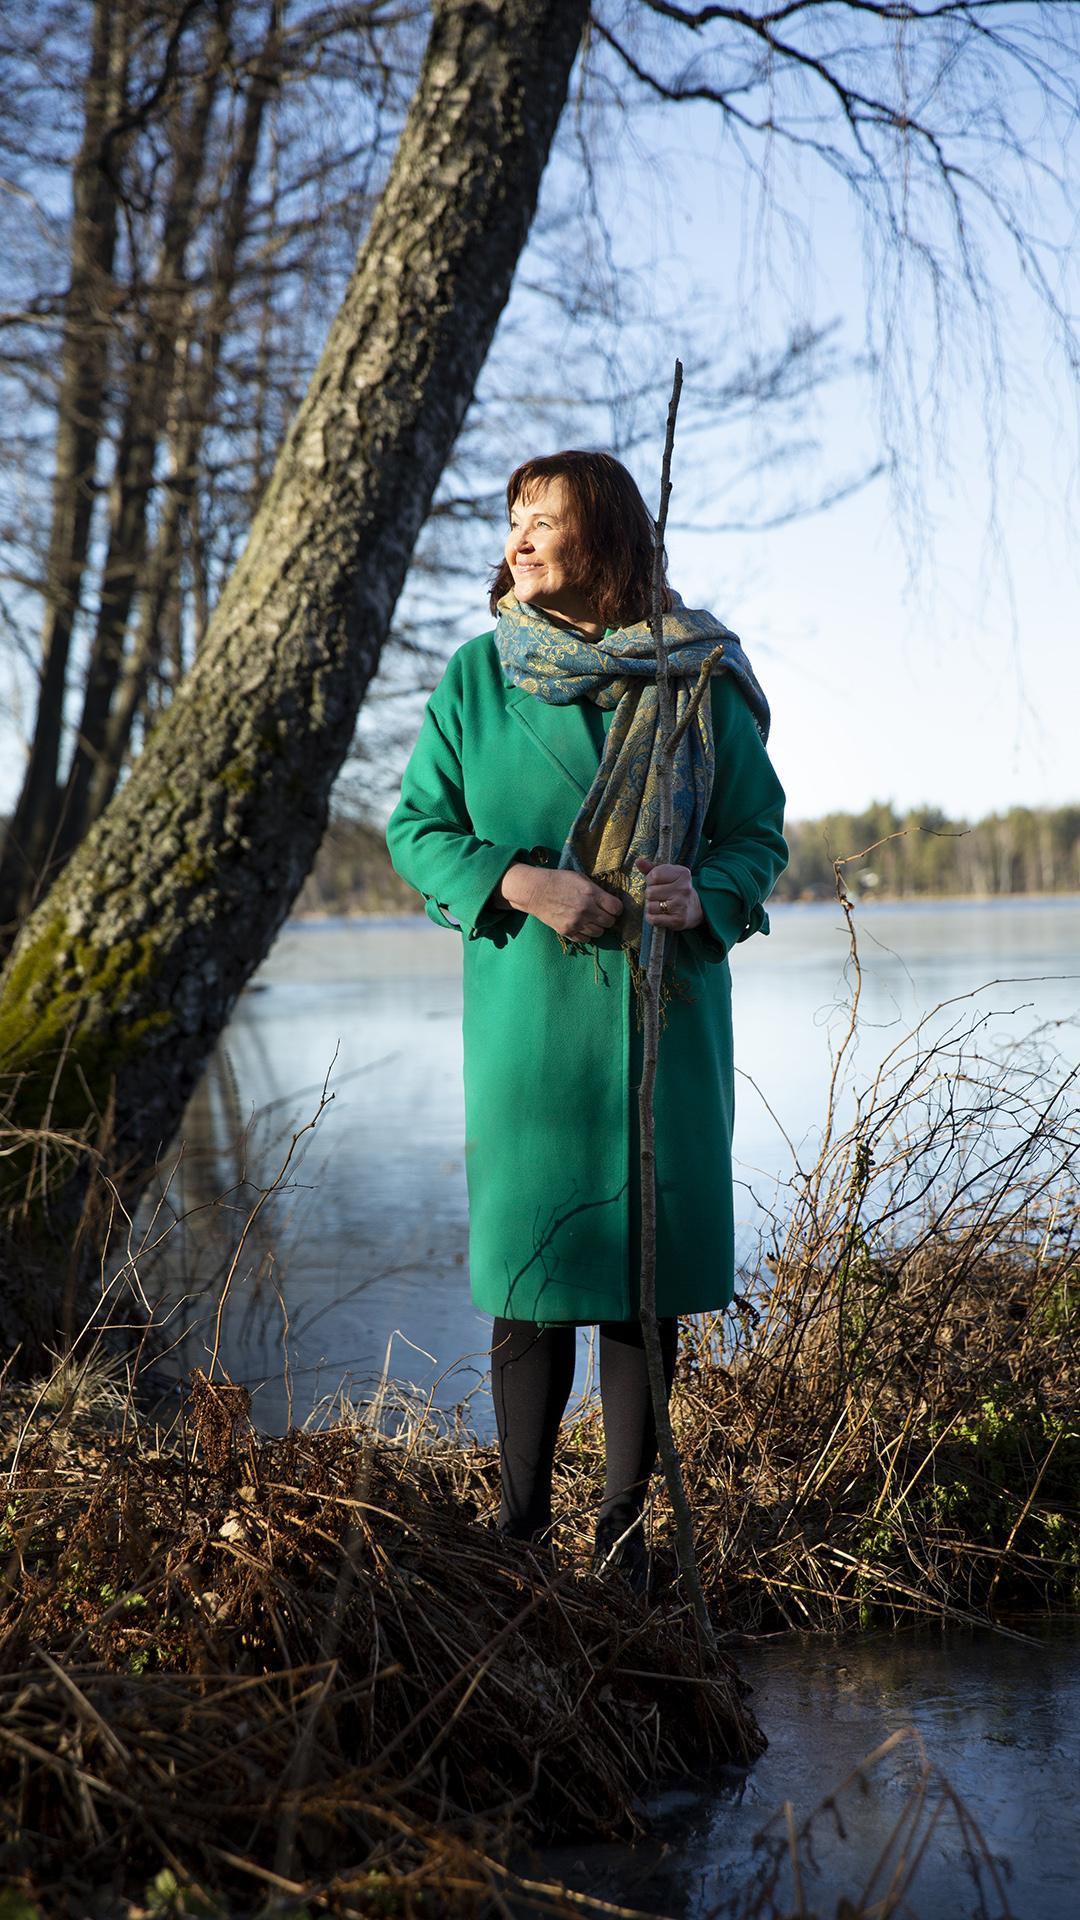 Anna-Mari Kaskisen uusimmat runot puhuvat ikääntymisestä, vanhenemisen monista sävyistä ja elämänkokemuksen arvosta.